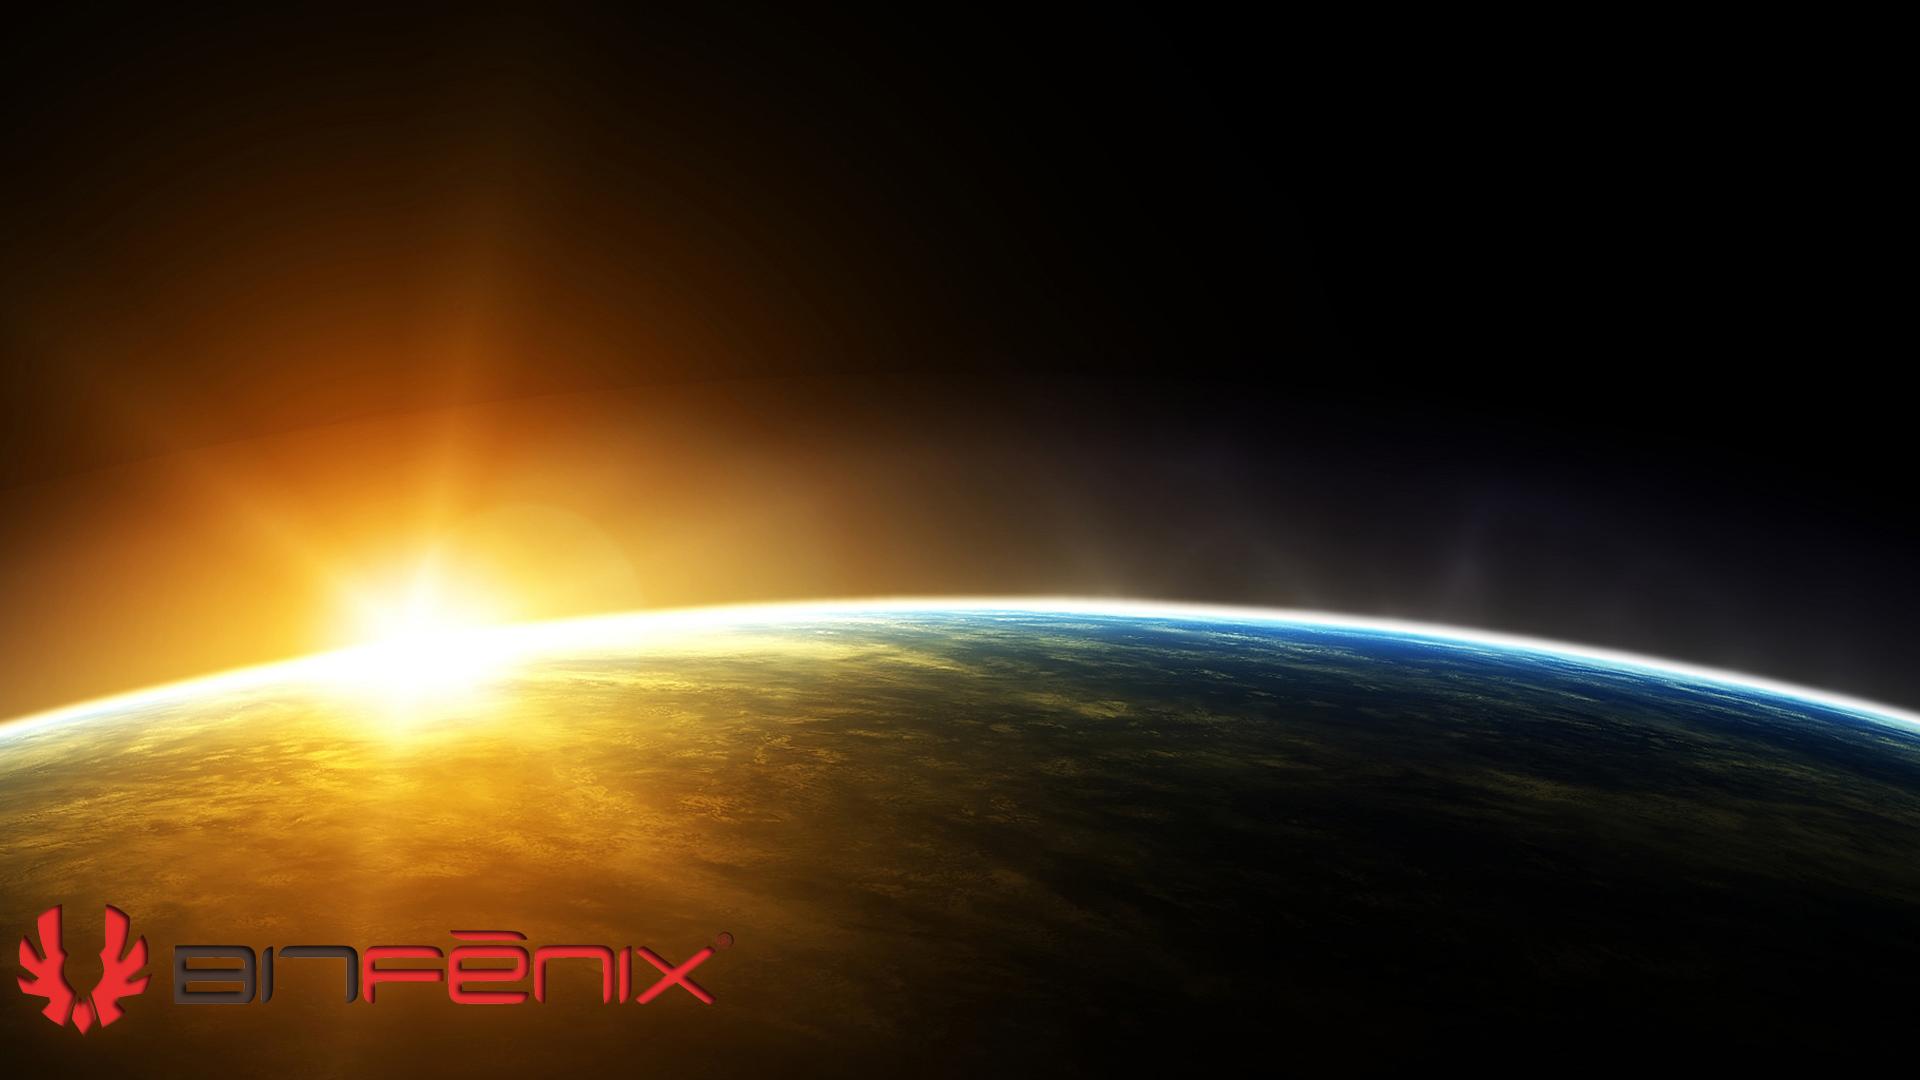 BitFenix EarthSun Wallpaper by wassupdoc on deviantART 1920x1080